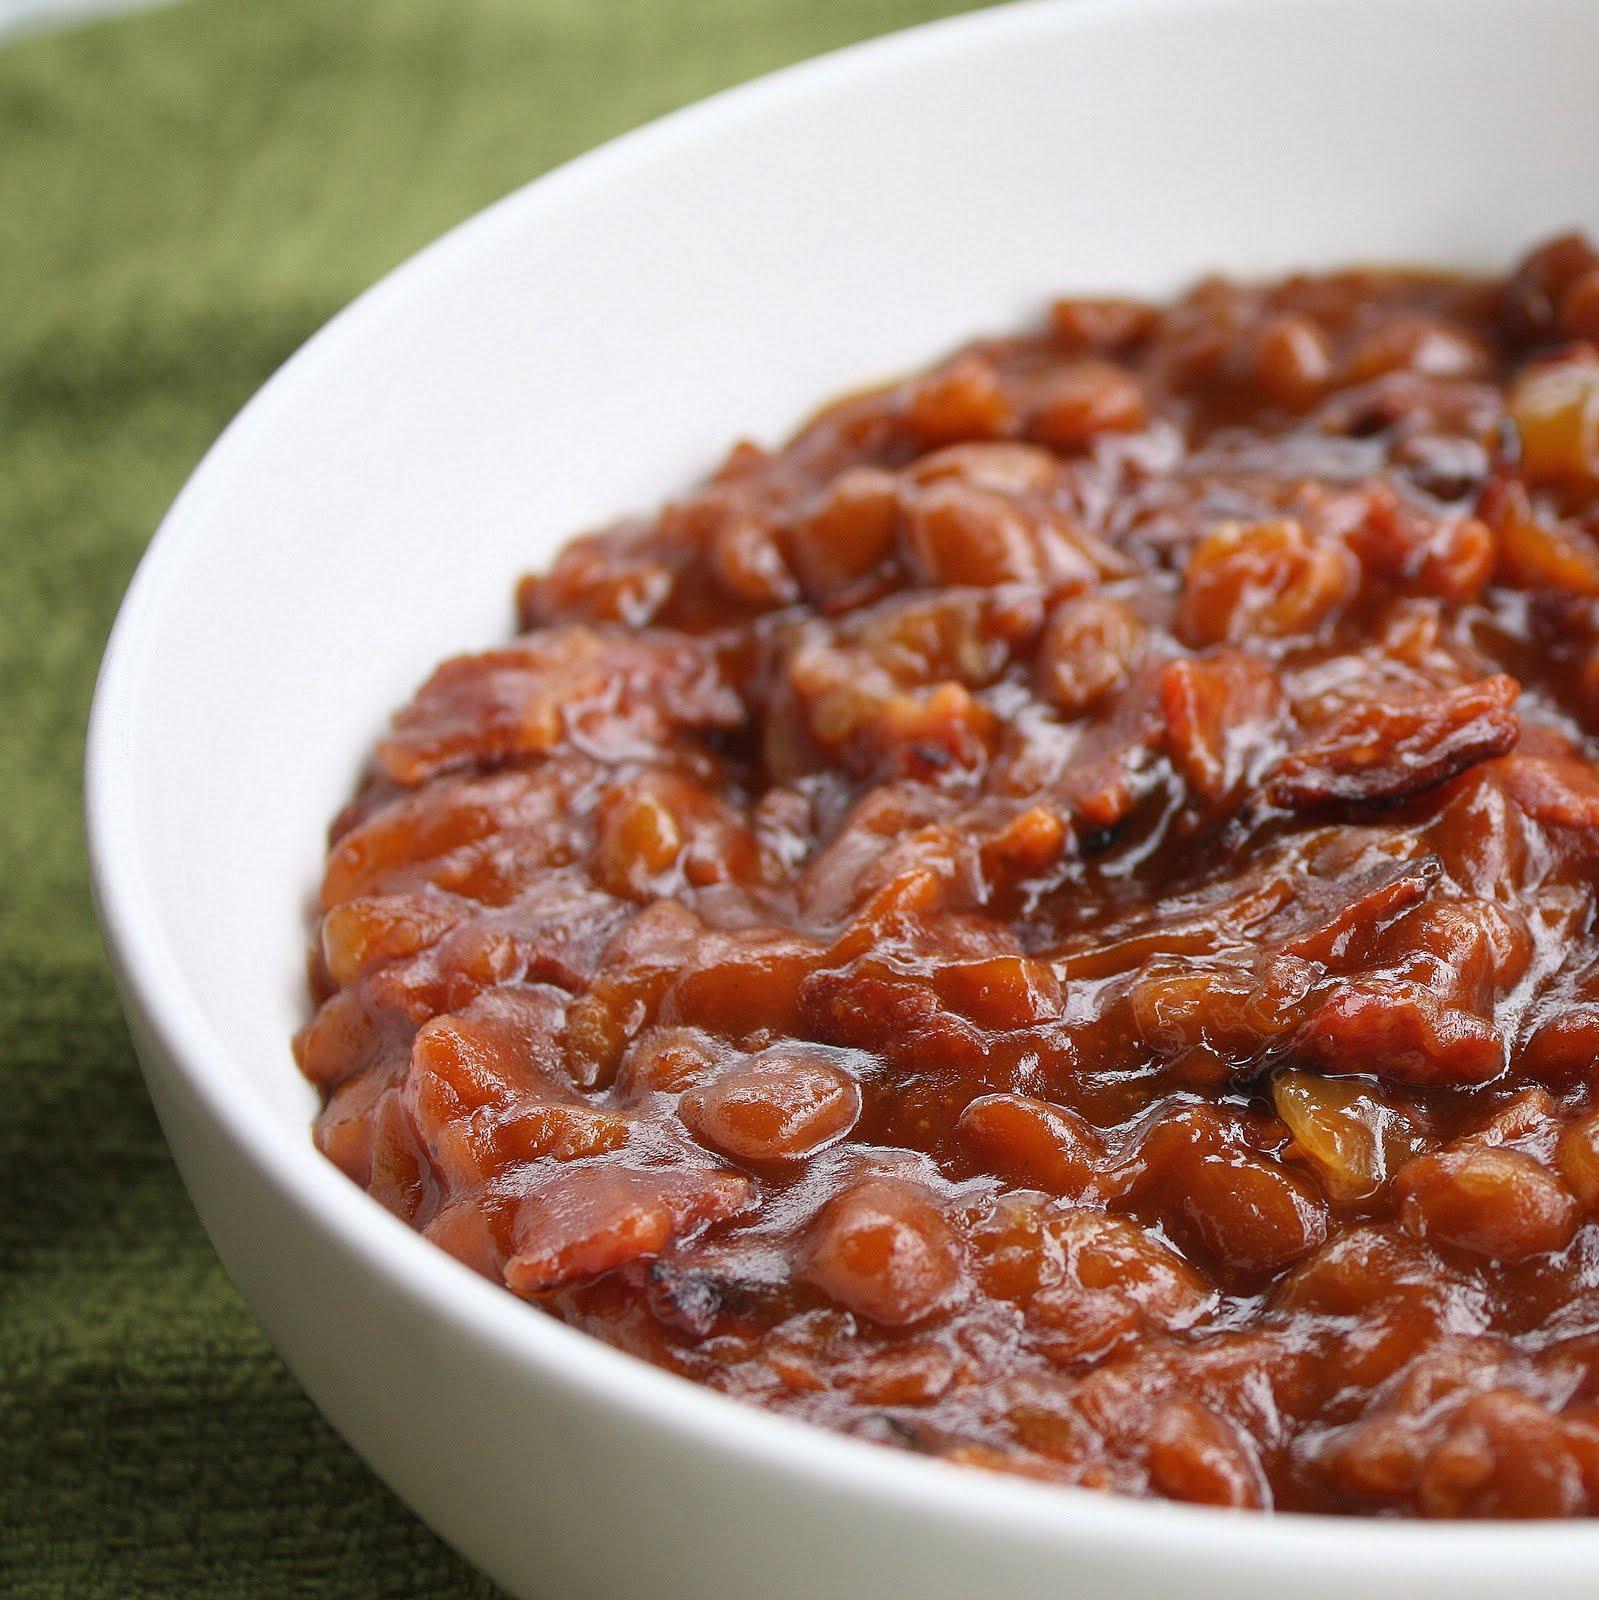 Trisha Yearwood's Baked Beans